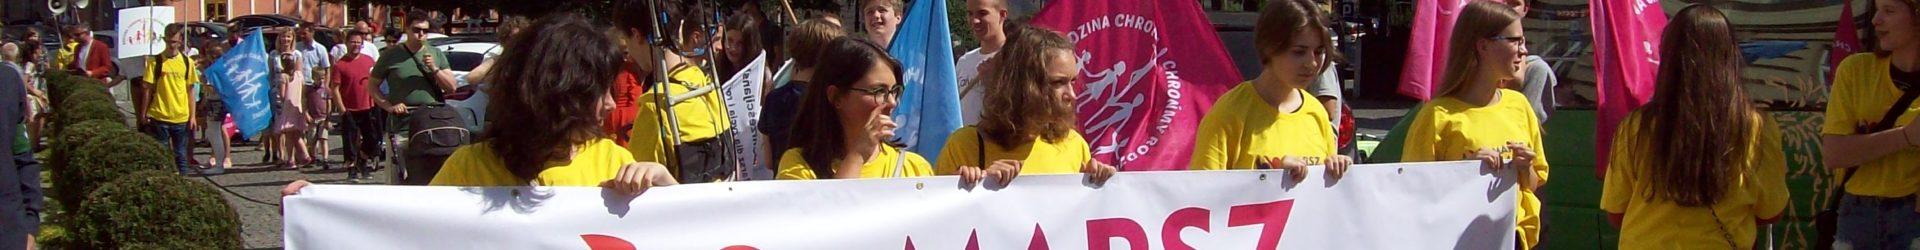 """""""Polska rodziną silna""""- Marsz dla Życia i Rodziny w Bielsku-Białej"""